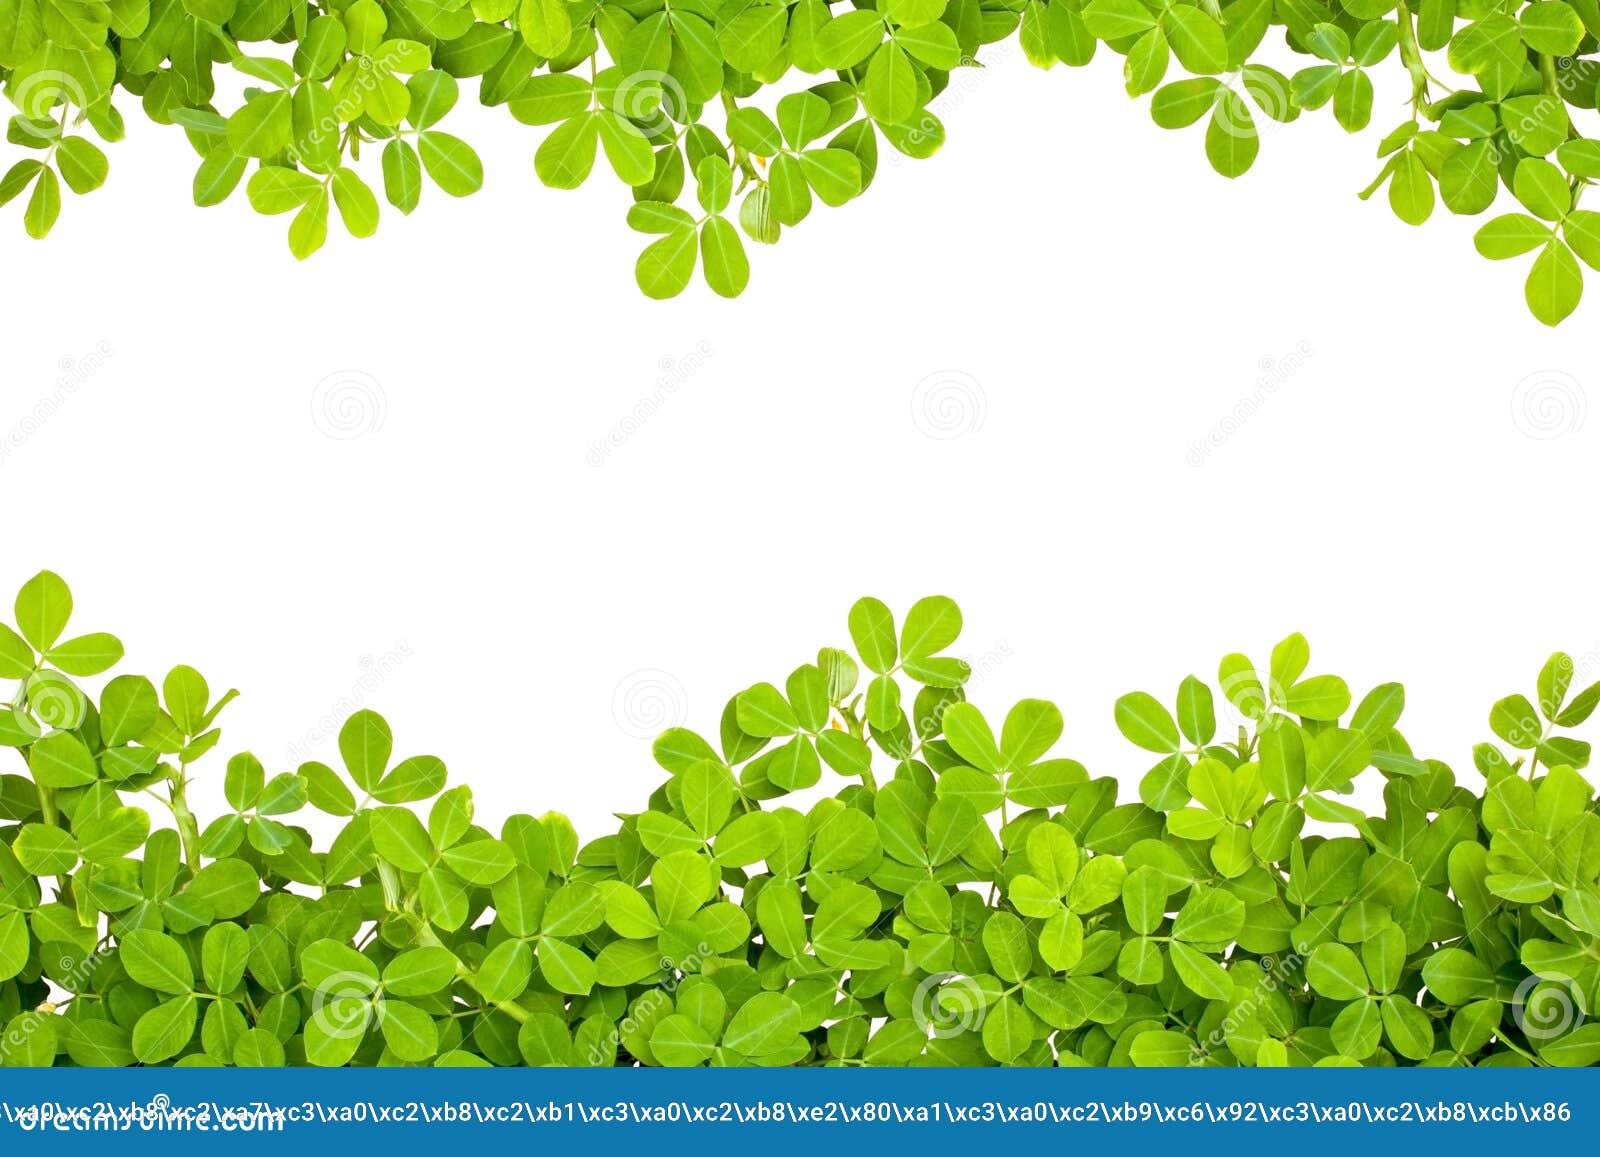 Frame leaves